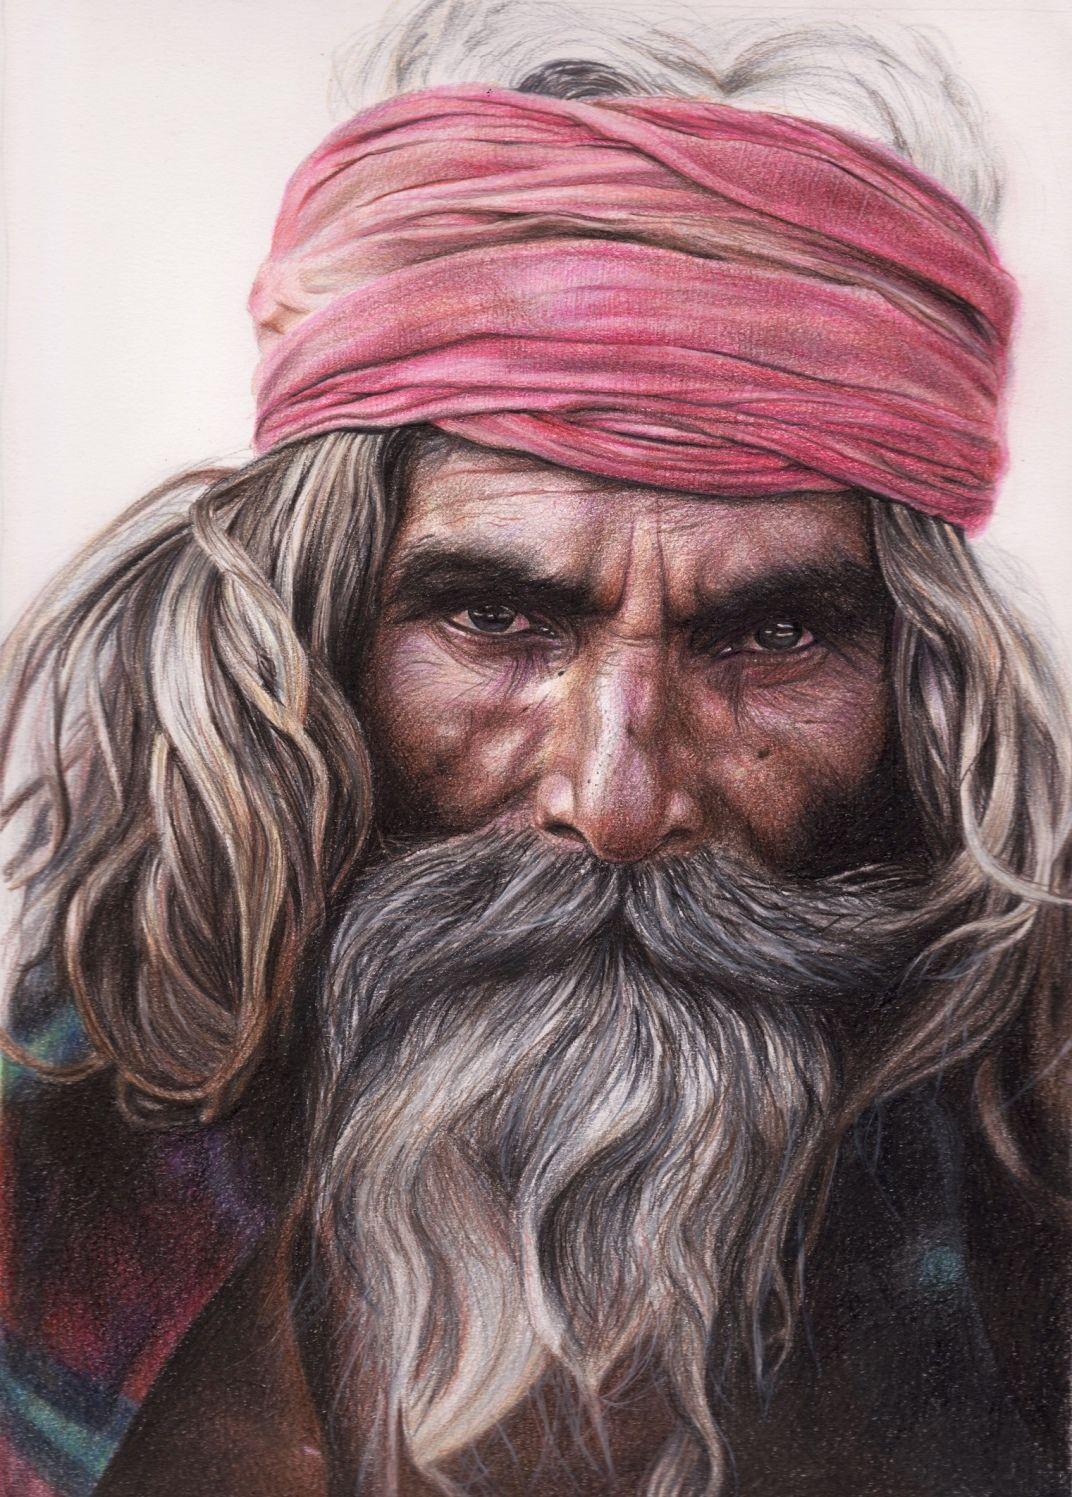 L'indiano. Crayons drawing. Chiara Fabbri